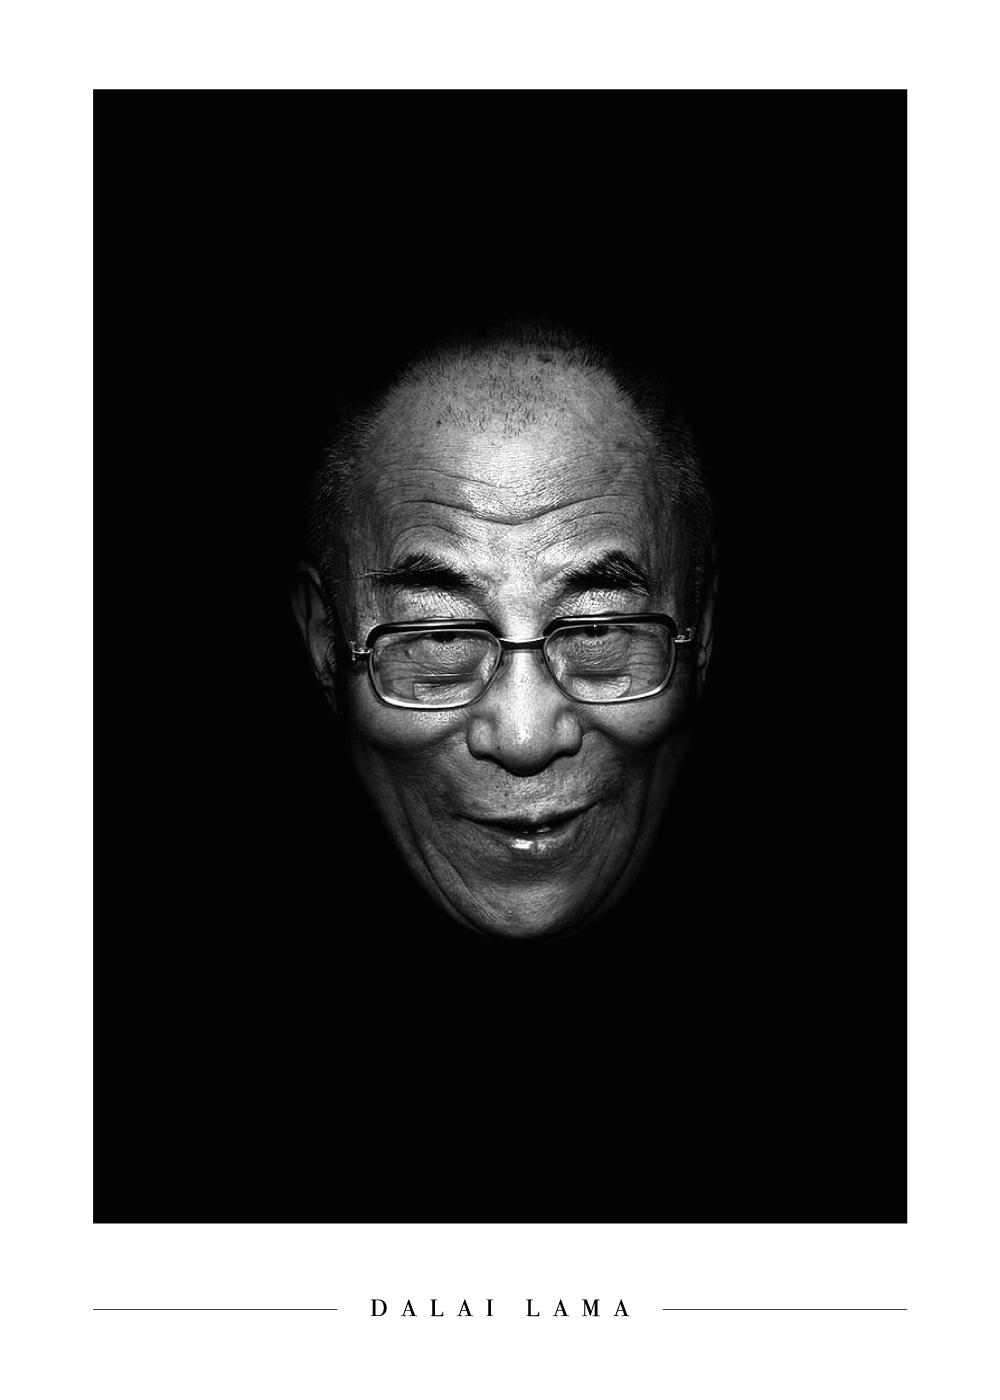 Dalai Lama - Plakat